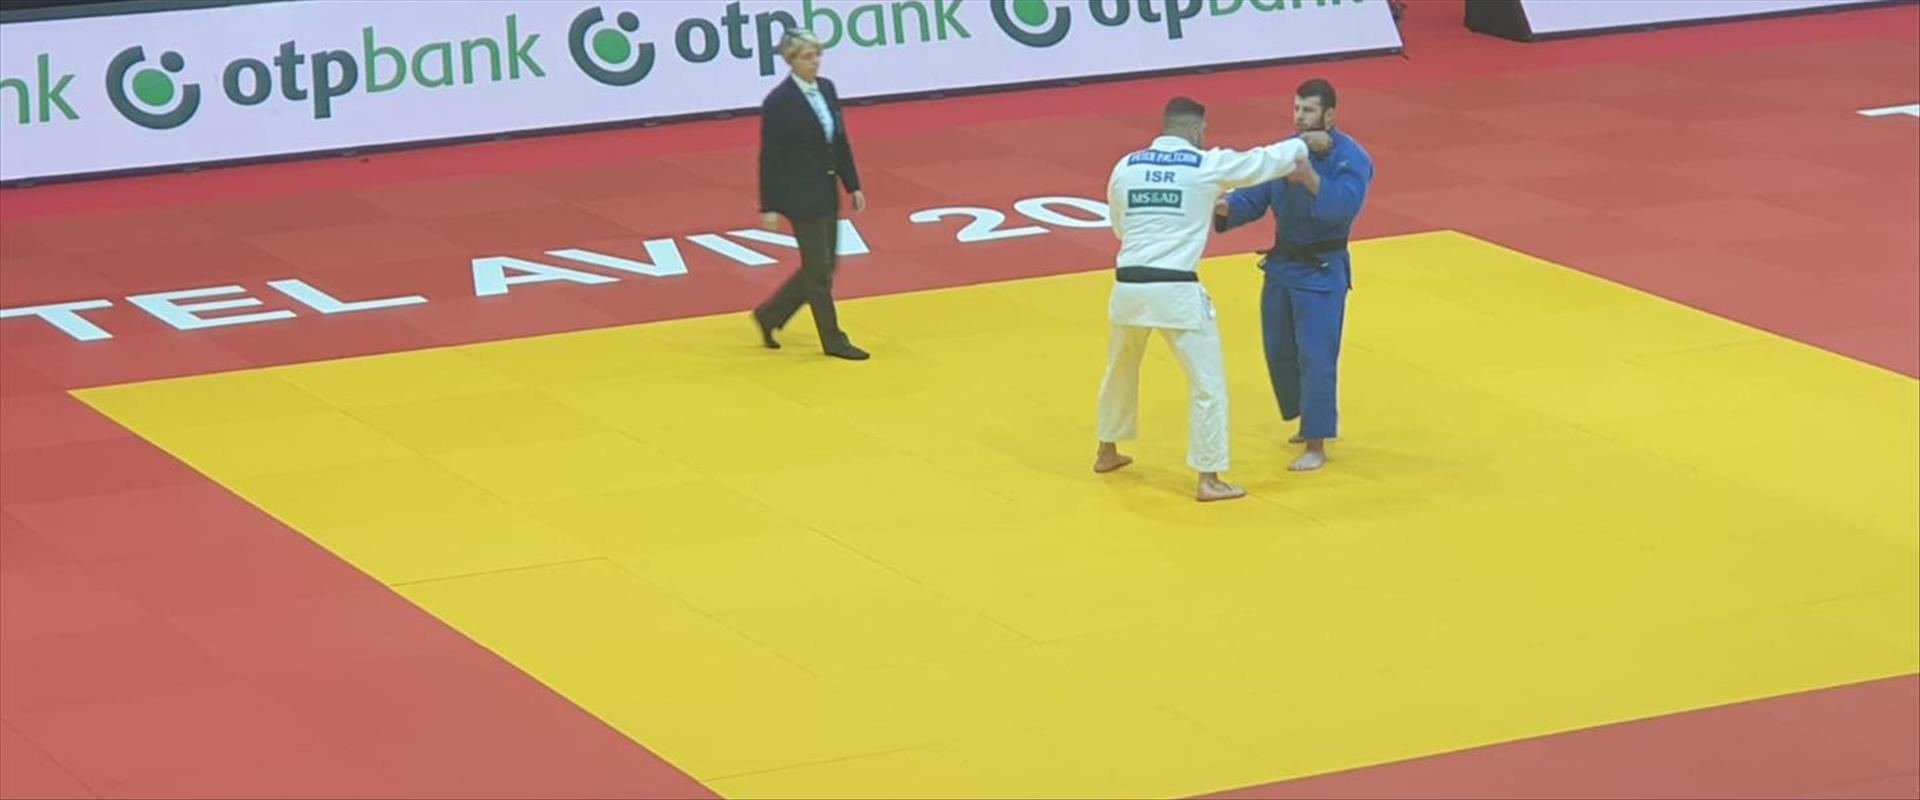 פיטר פלצ'יק בקרב חצי הגמר בגראנד סלאם תל אביב